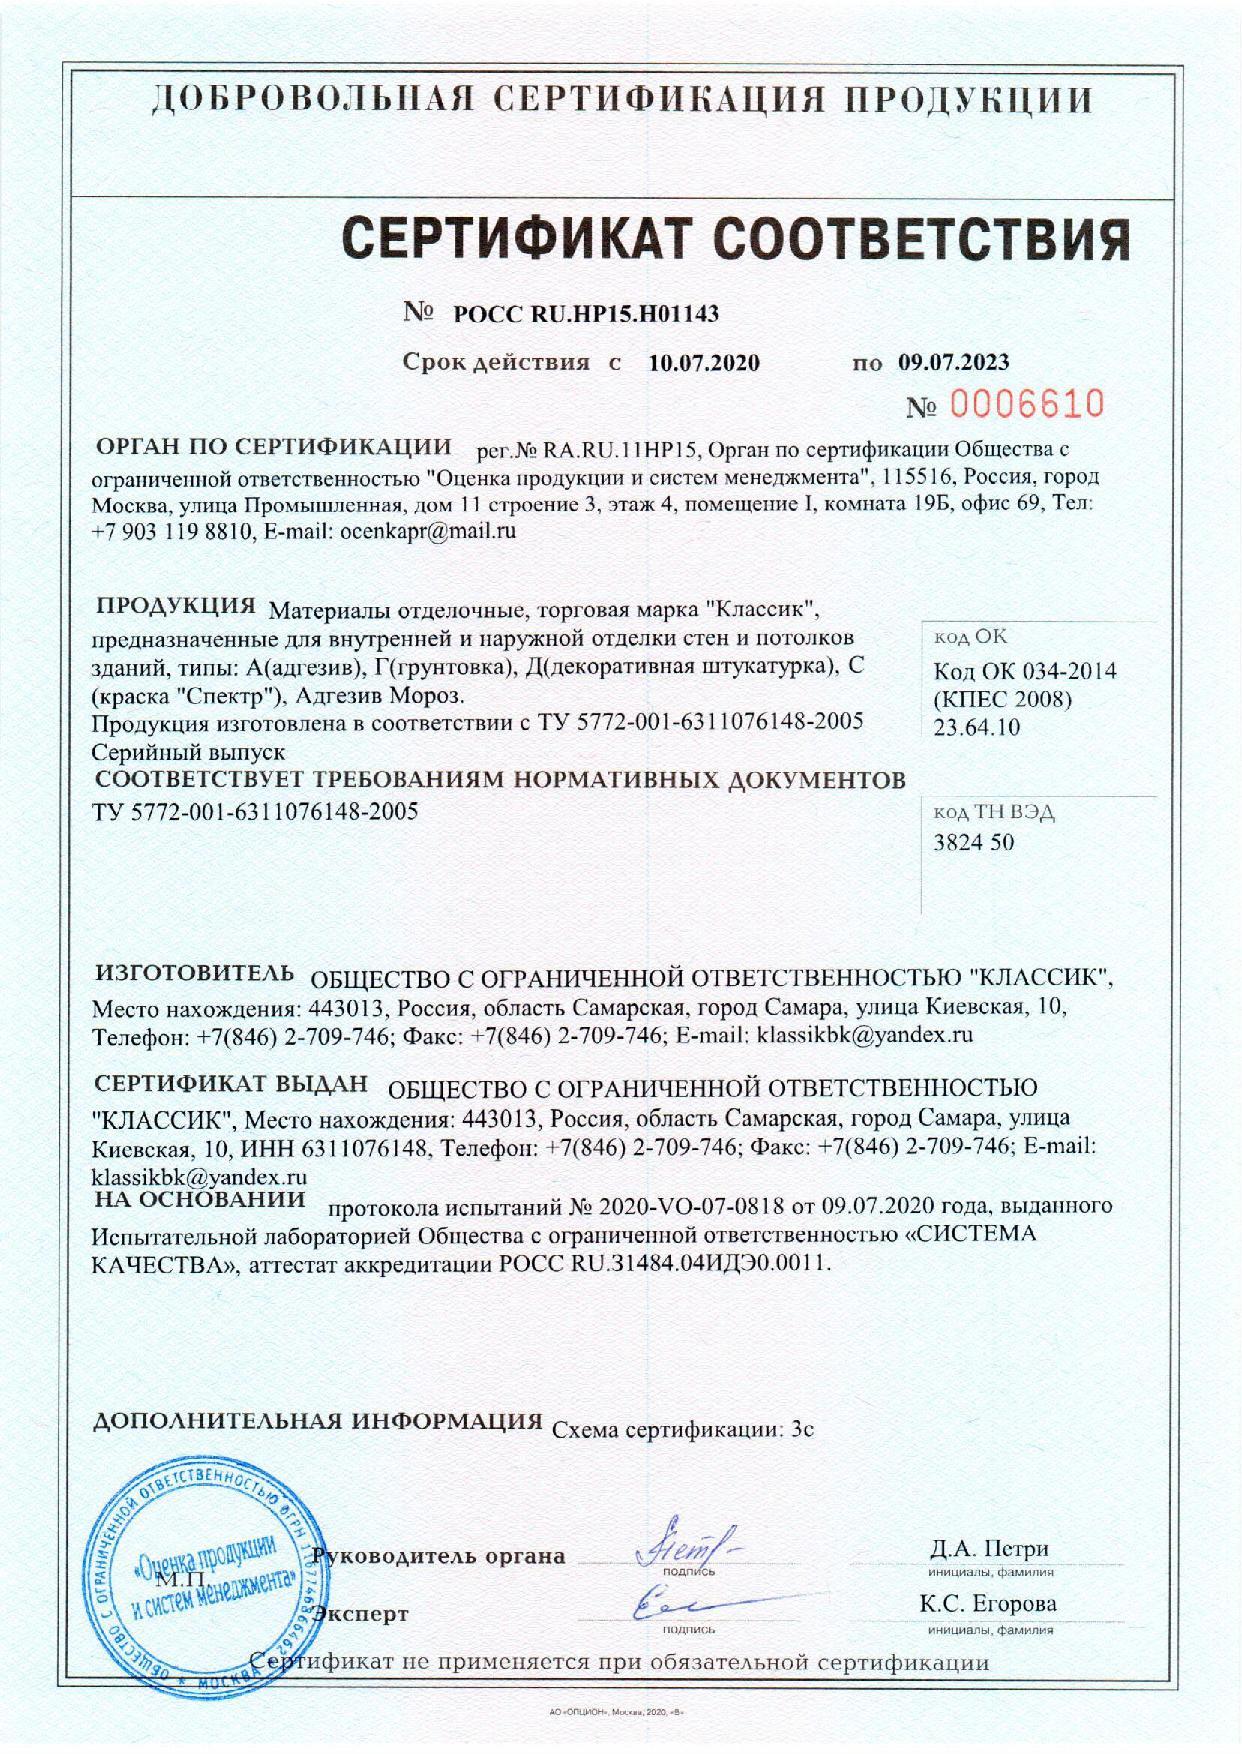 Сертификат соответствия 2020г.